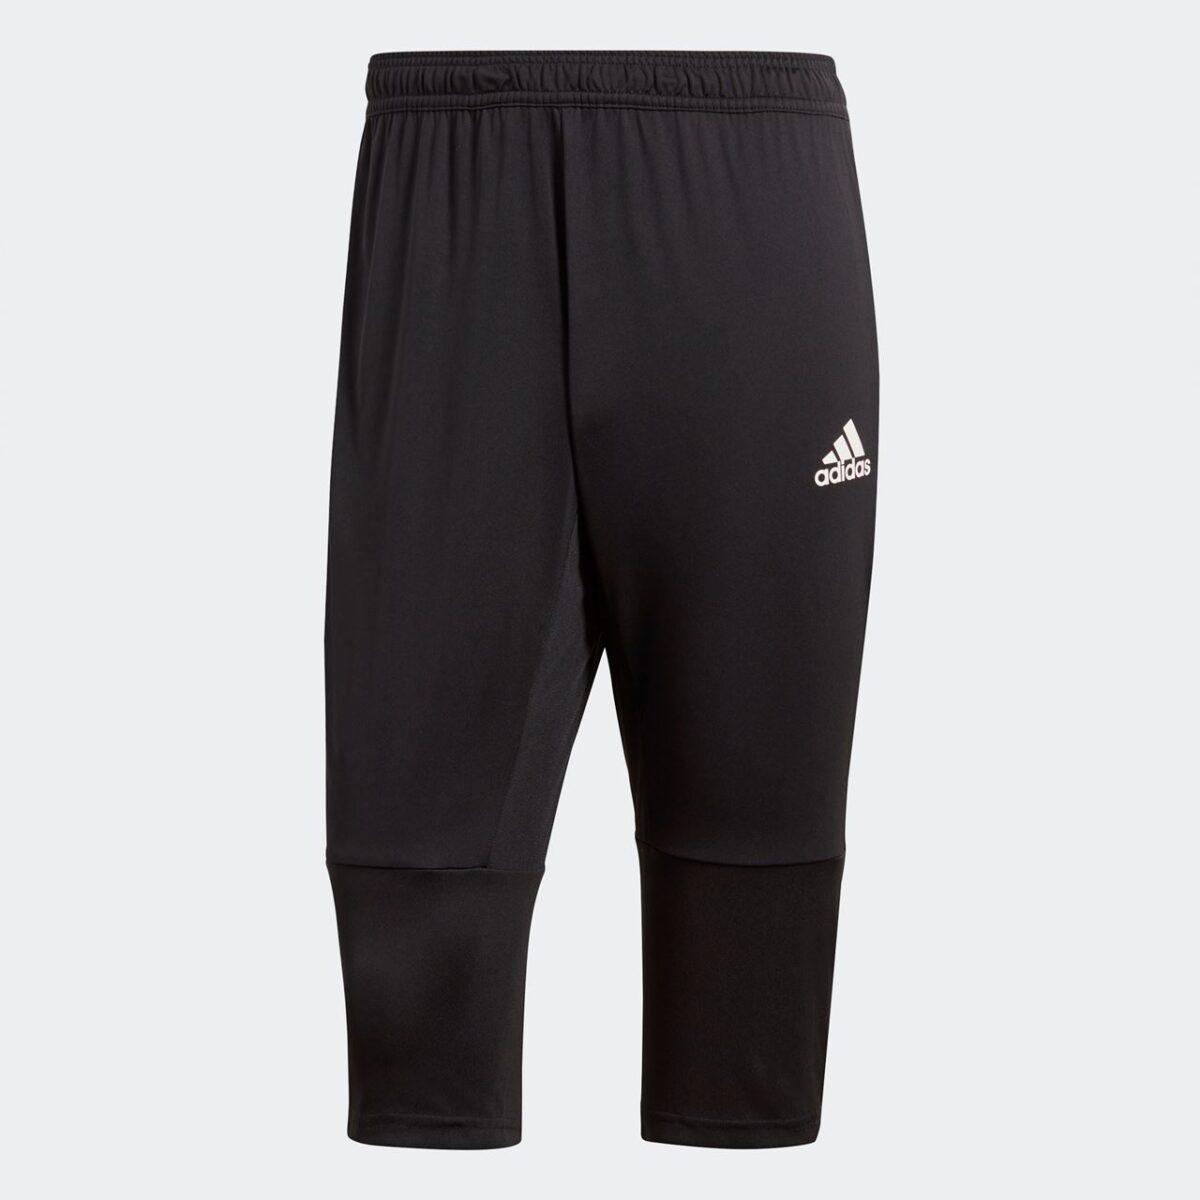 Adidas Condivo 18 3/4 Pant